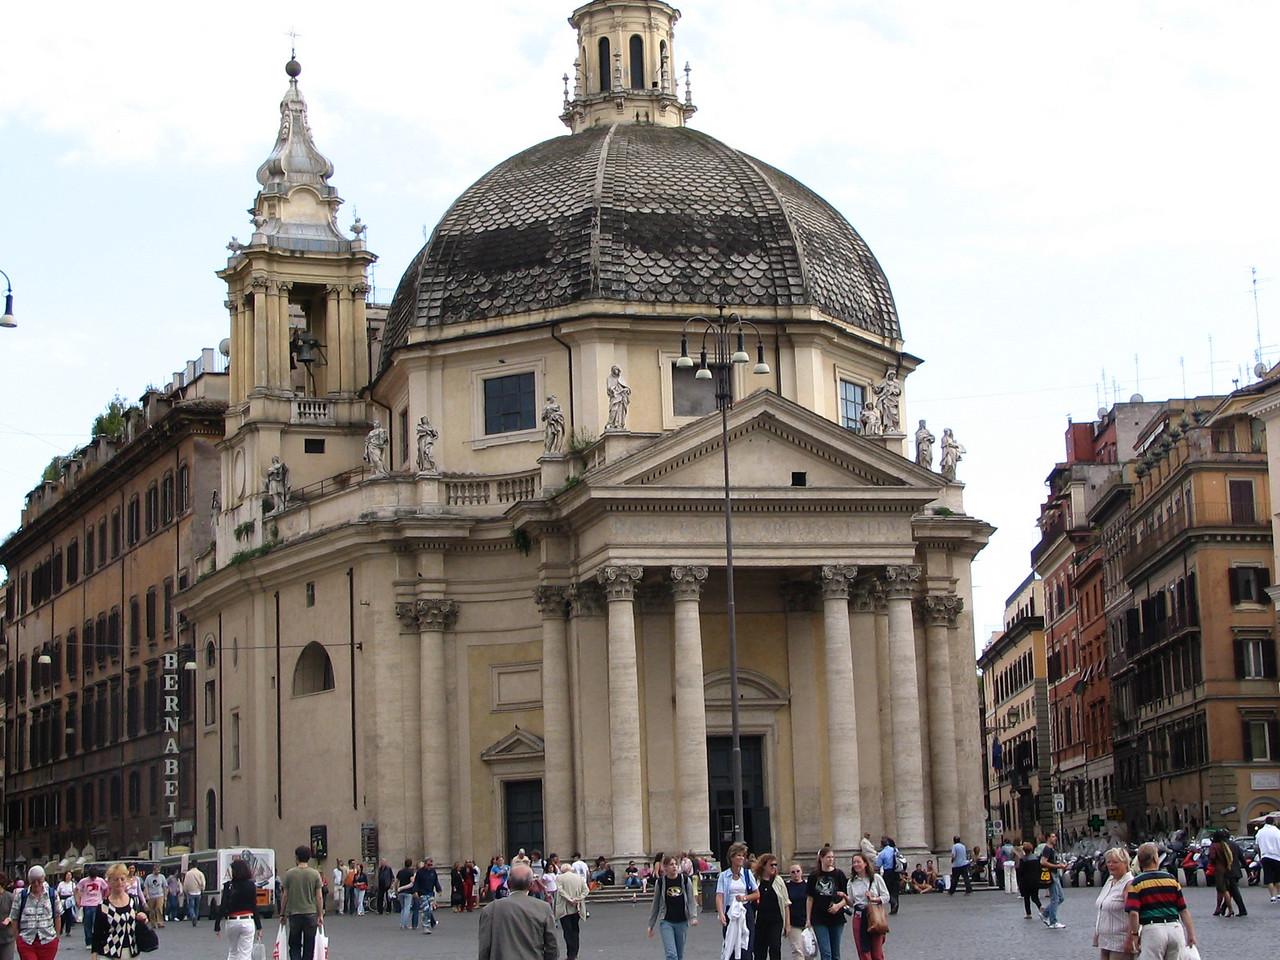 Piazza del Portolo. This is the Santa Maria dei Miracoli church. It was built in 1658 by Carlo Rainaldi.